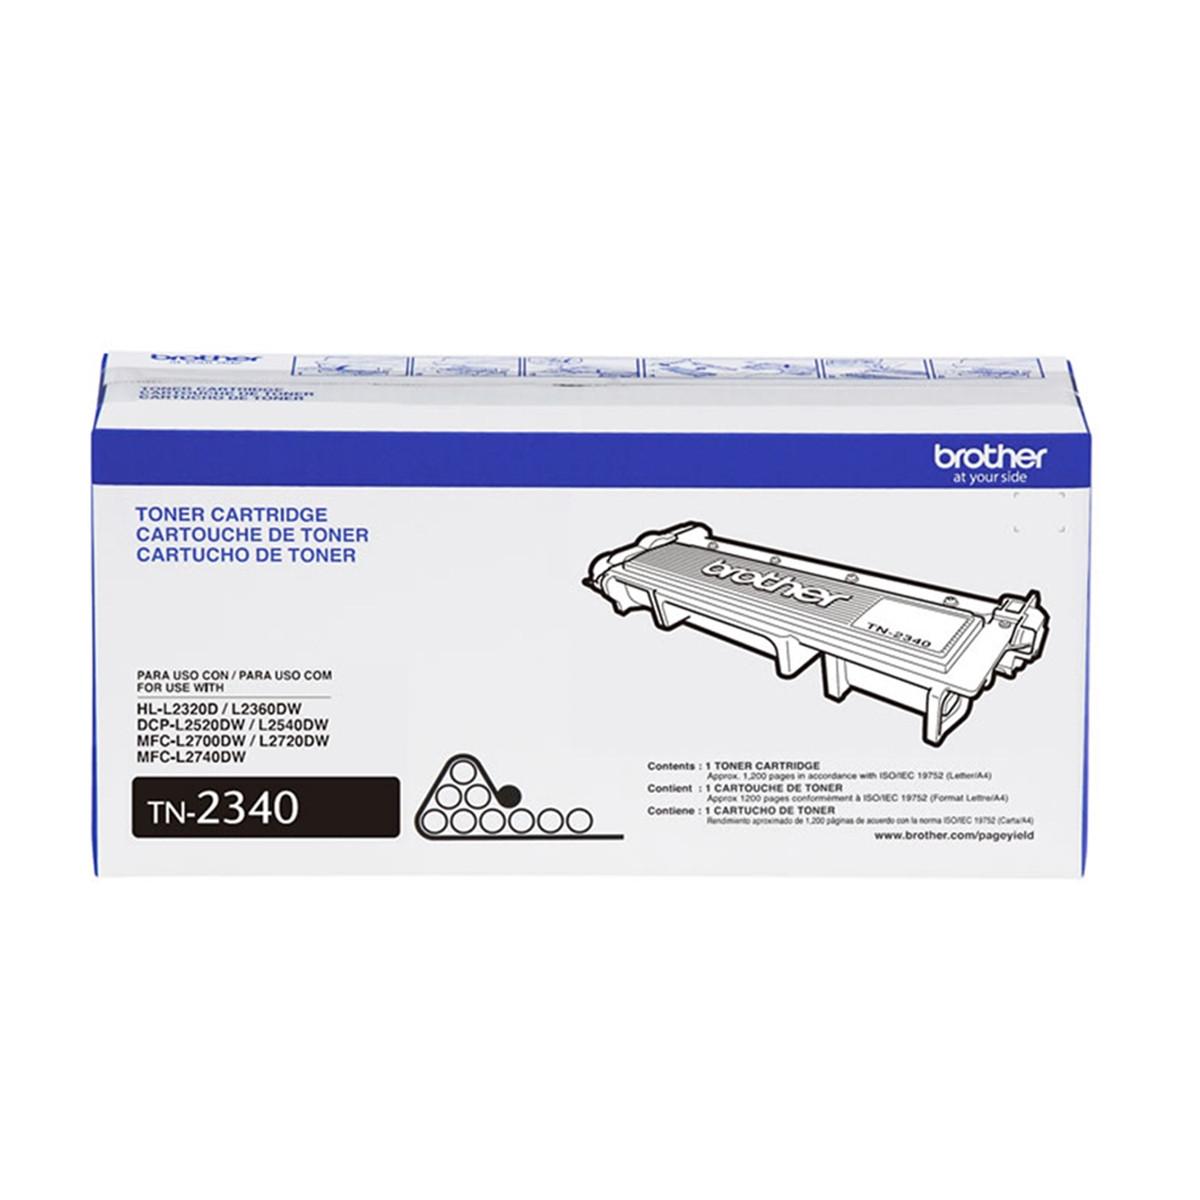 Toner Brother TN2340 | HL-L2320D HL-L2360DW MFC-L2740DW MFC-L2720DW | Original 1.2K